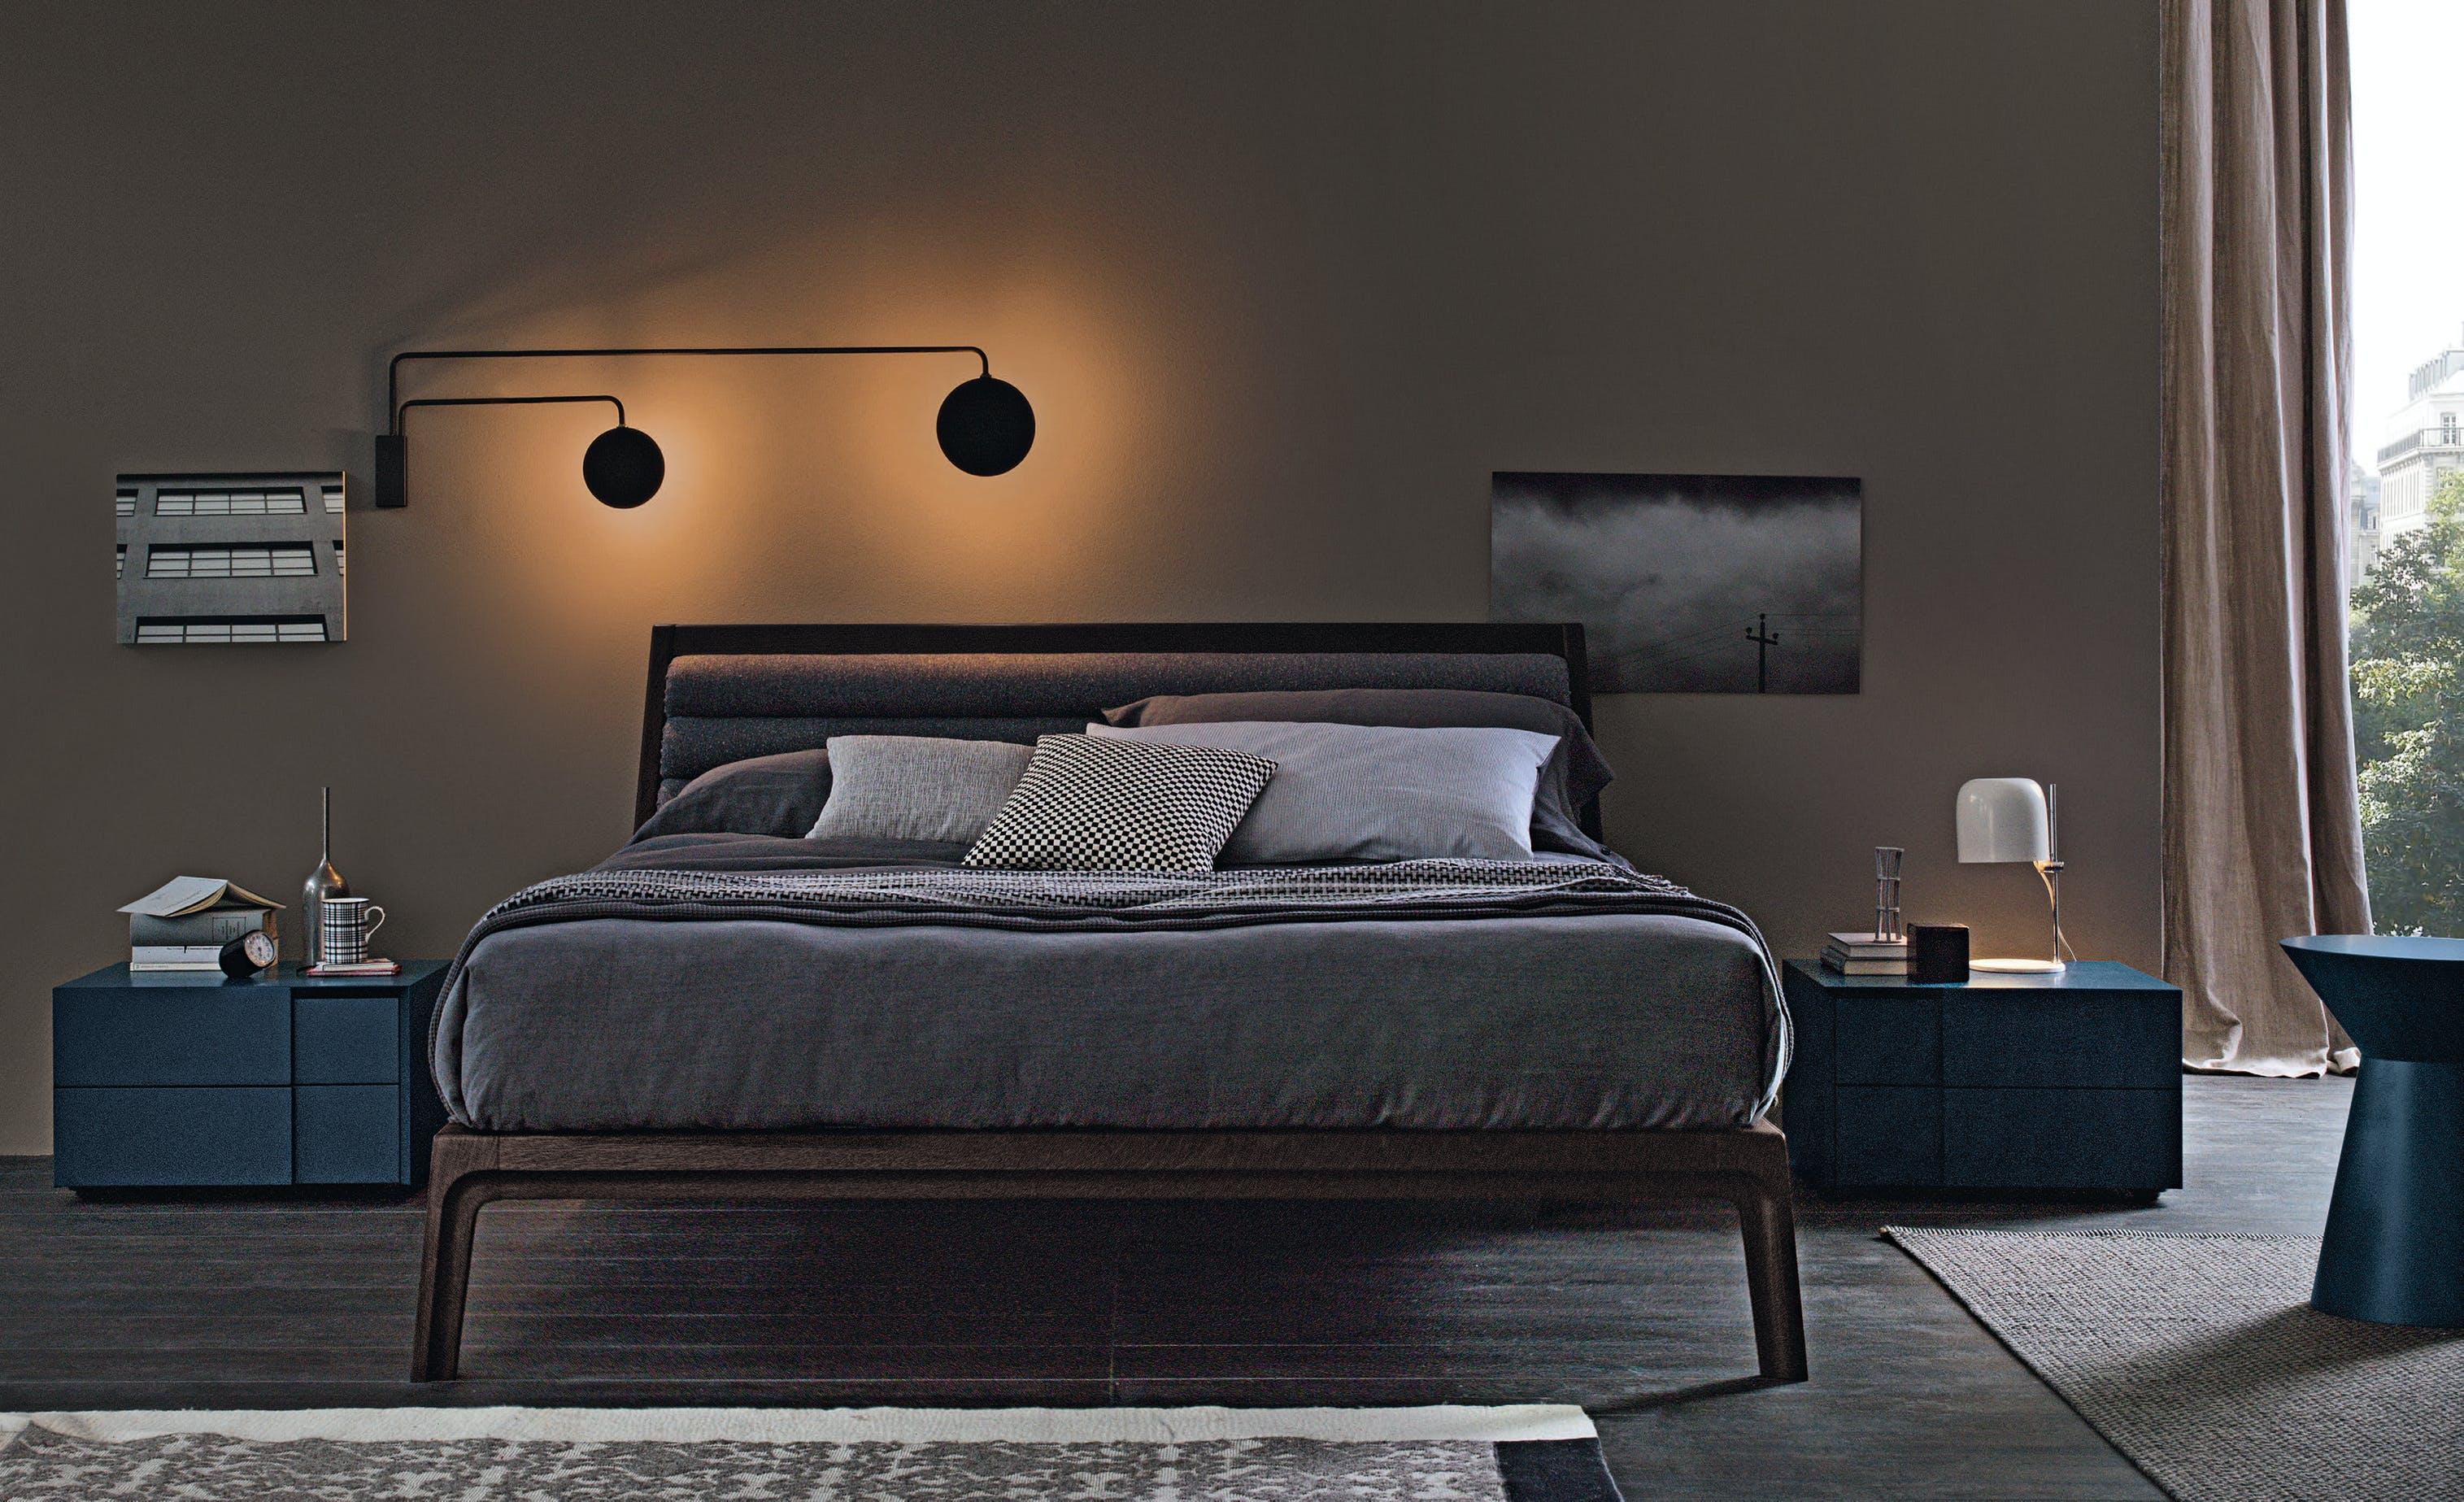 Giellesse Impronta Bed Full Front Haute Living